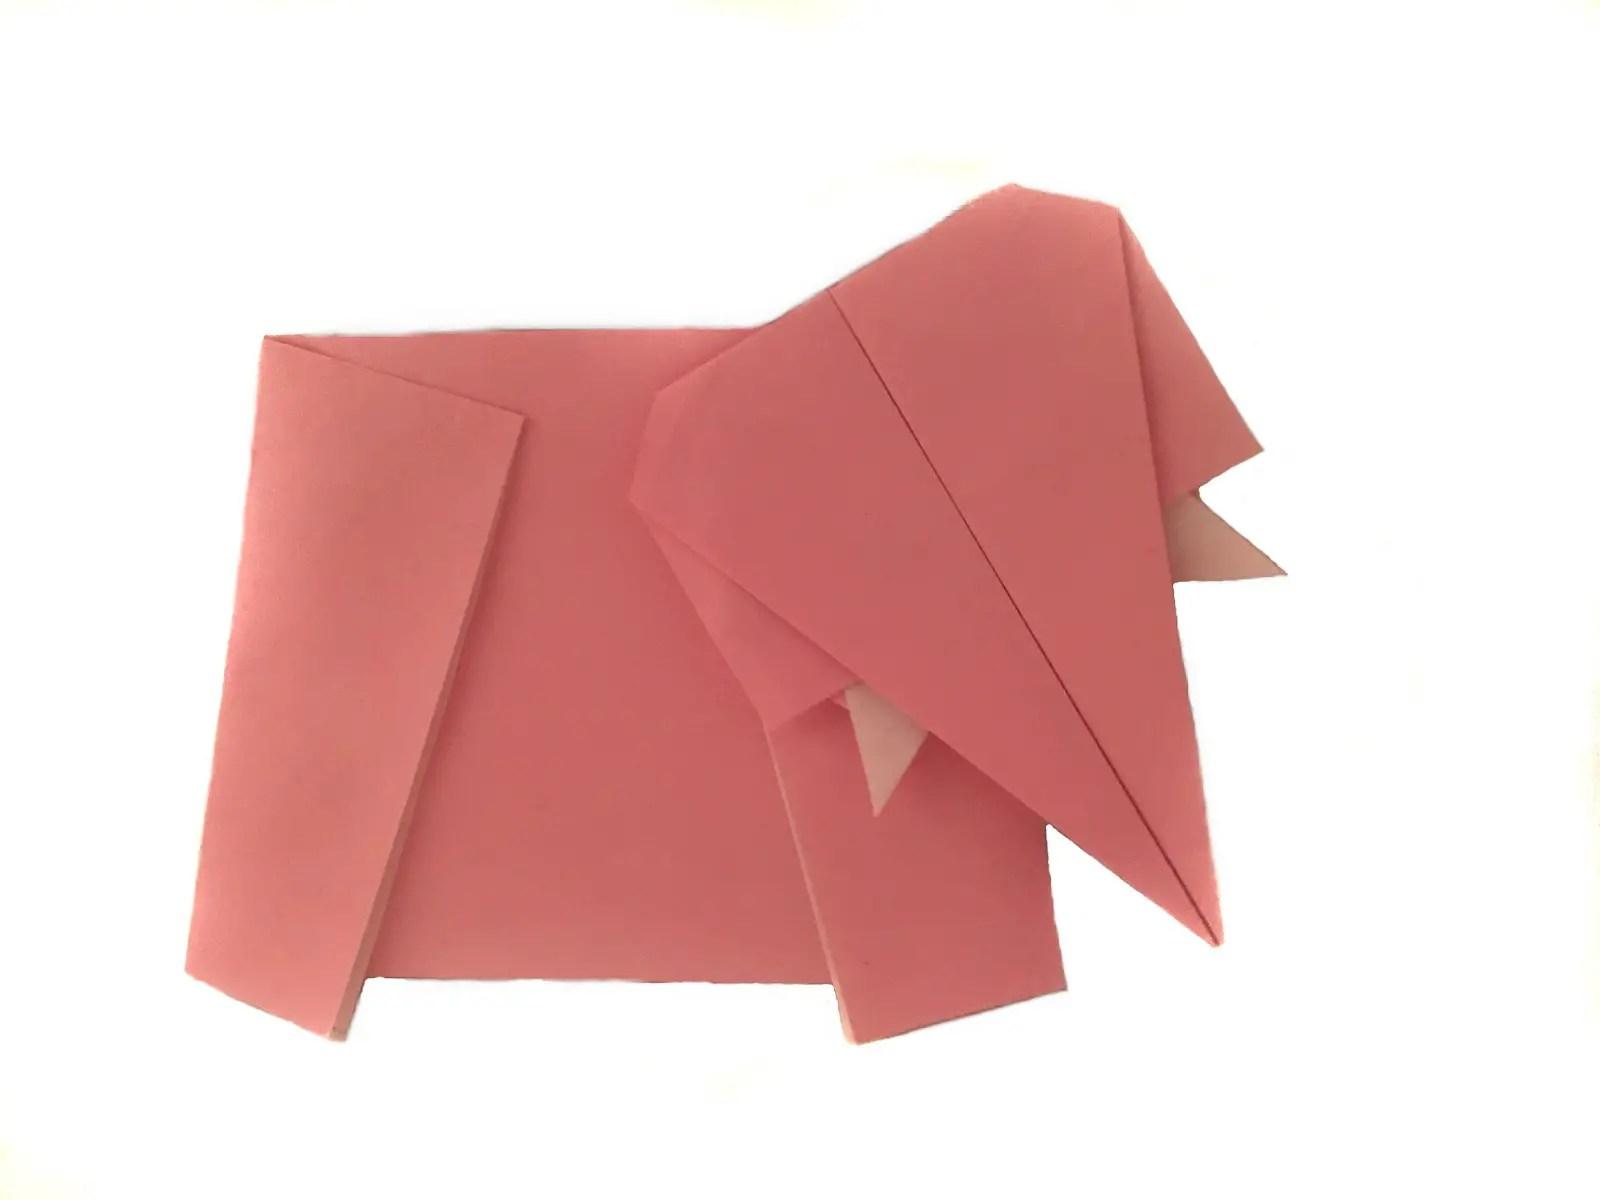 Origami elephant world record attempt origami expressions origami elephant jeuxipadfo Choice Image